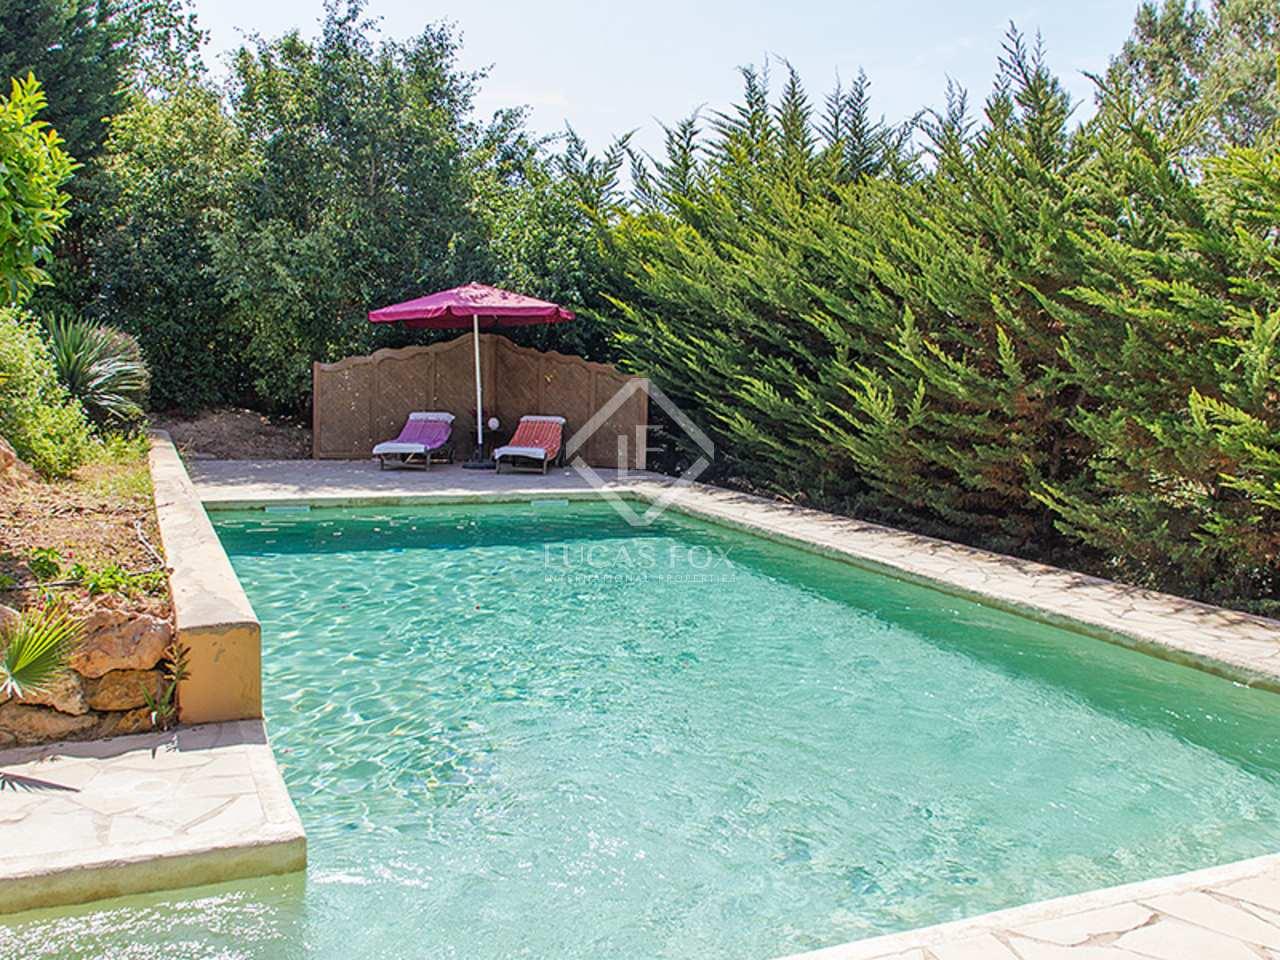 Villa toskanischen stils mit pool zum verkauf nahe ibiza stadt for Pool verkauf